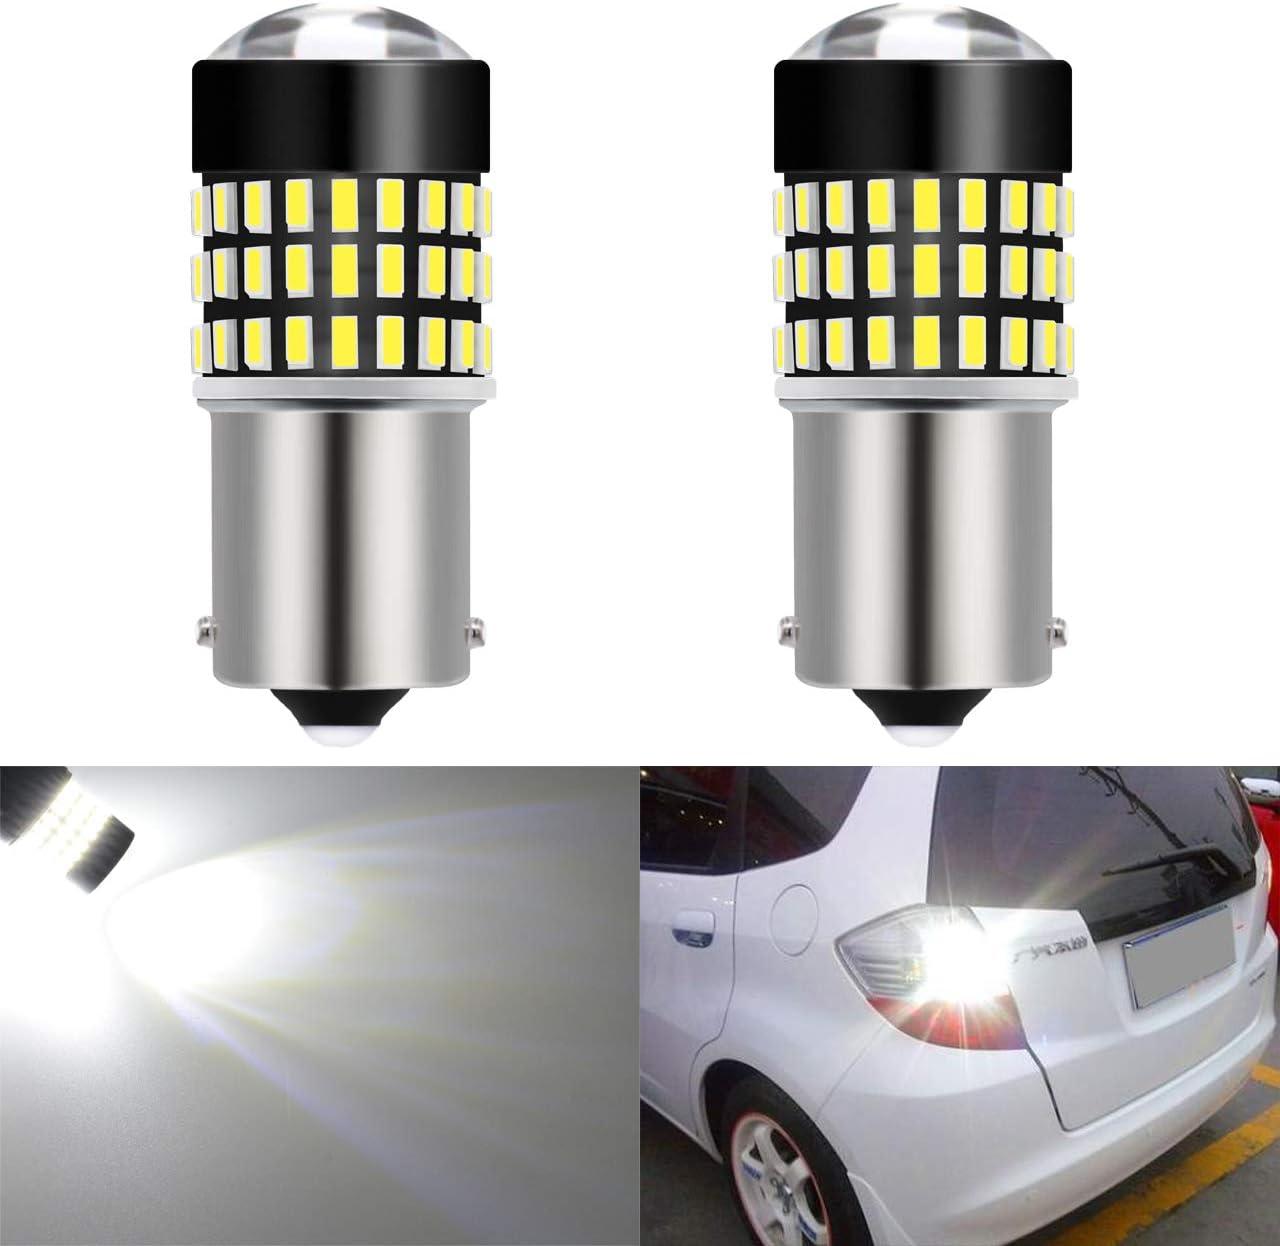 KATUR BA9 BA9S 53 57 1895 Led Light Bulb Super Bright 930 Lumens 3014 78SMD Lens LED Bulbs for Brake Turn Signal Tail Backup Reverse Brake Light Lamp,Xenon White Pack of 2